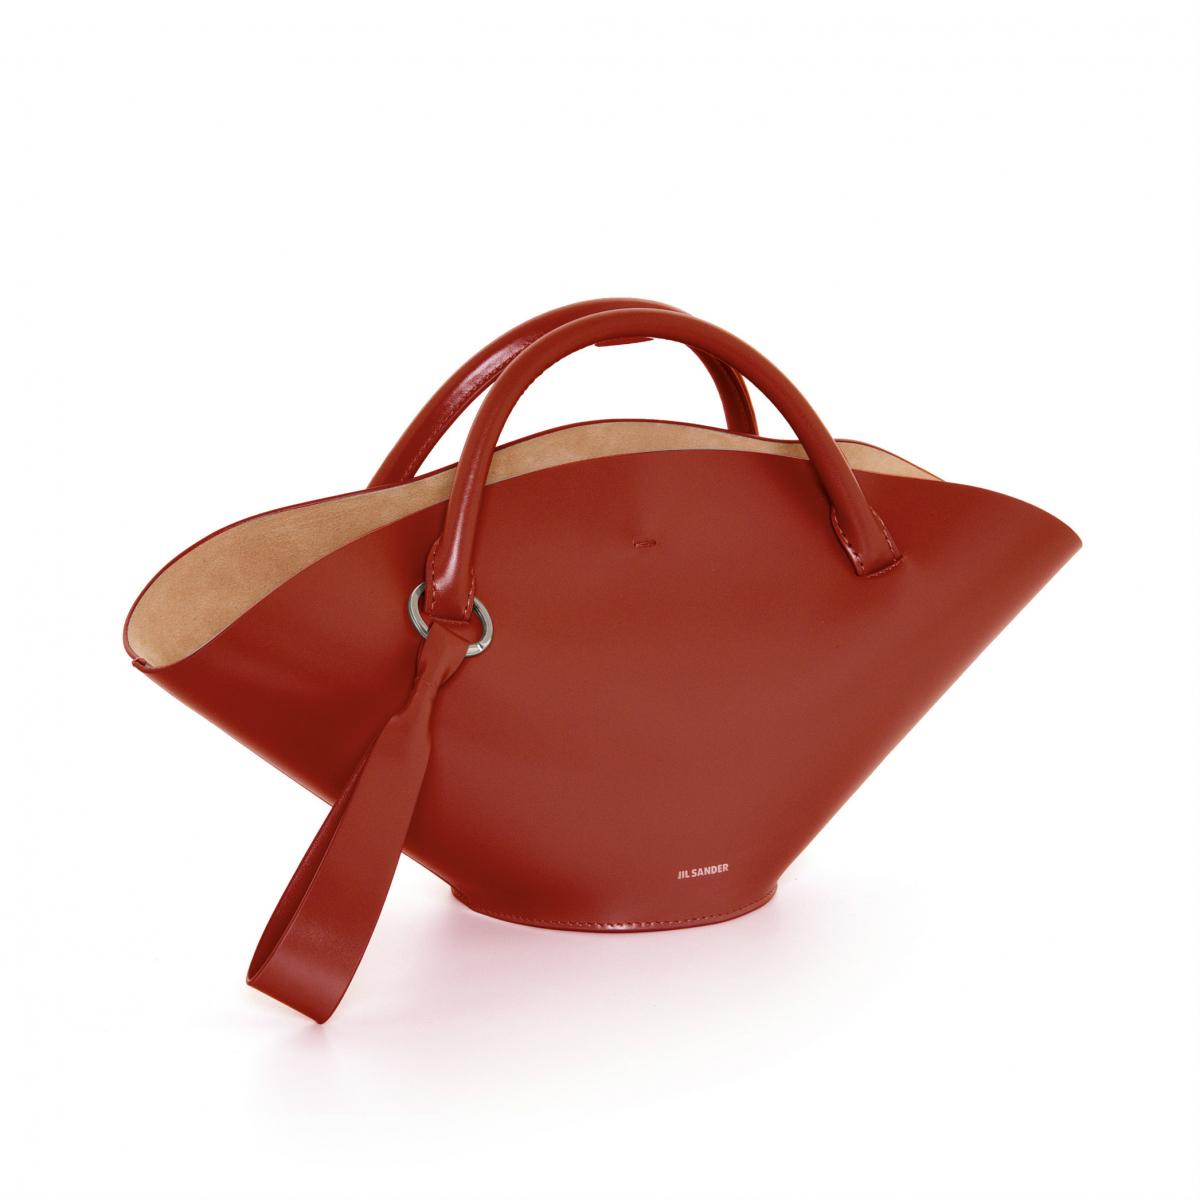 バッグ「ソンブレロ スモール」〈H18×W43×D13㎝〉¥175,000/オンワードグローバルファッション(ジル・サンダー)